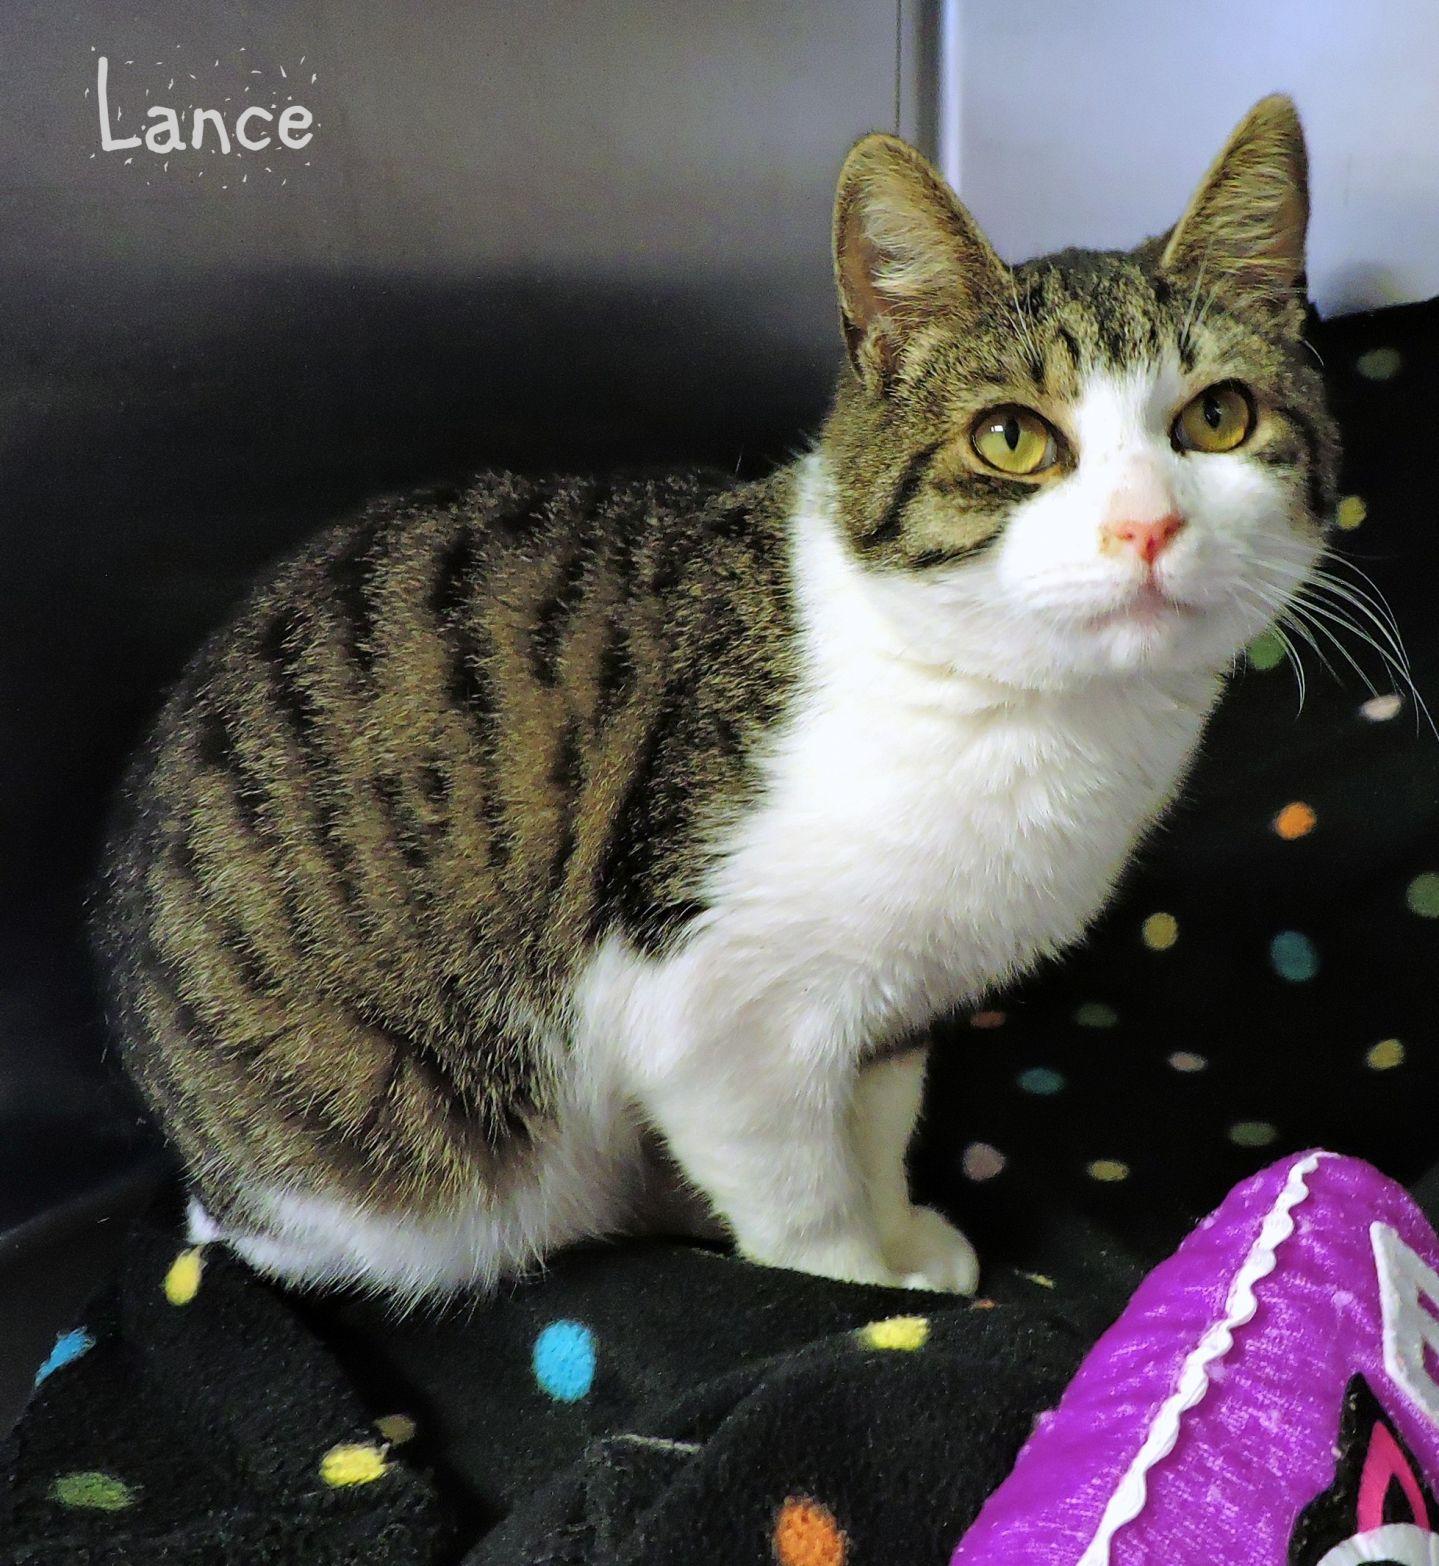 Lance -